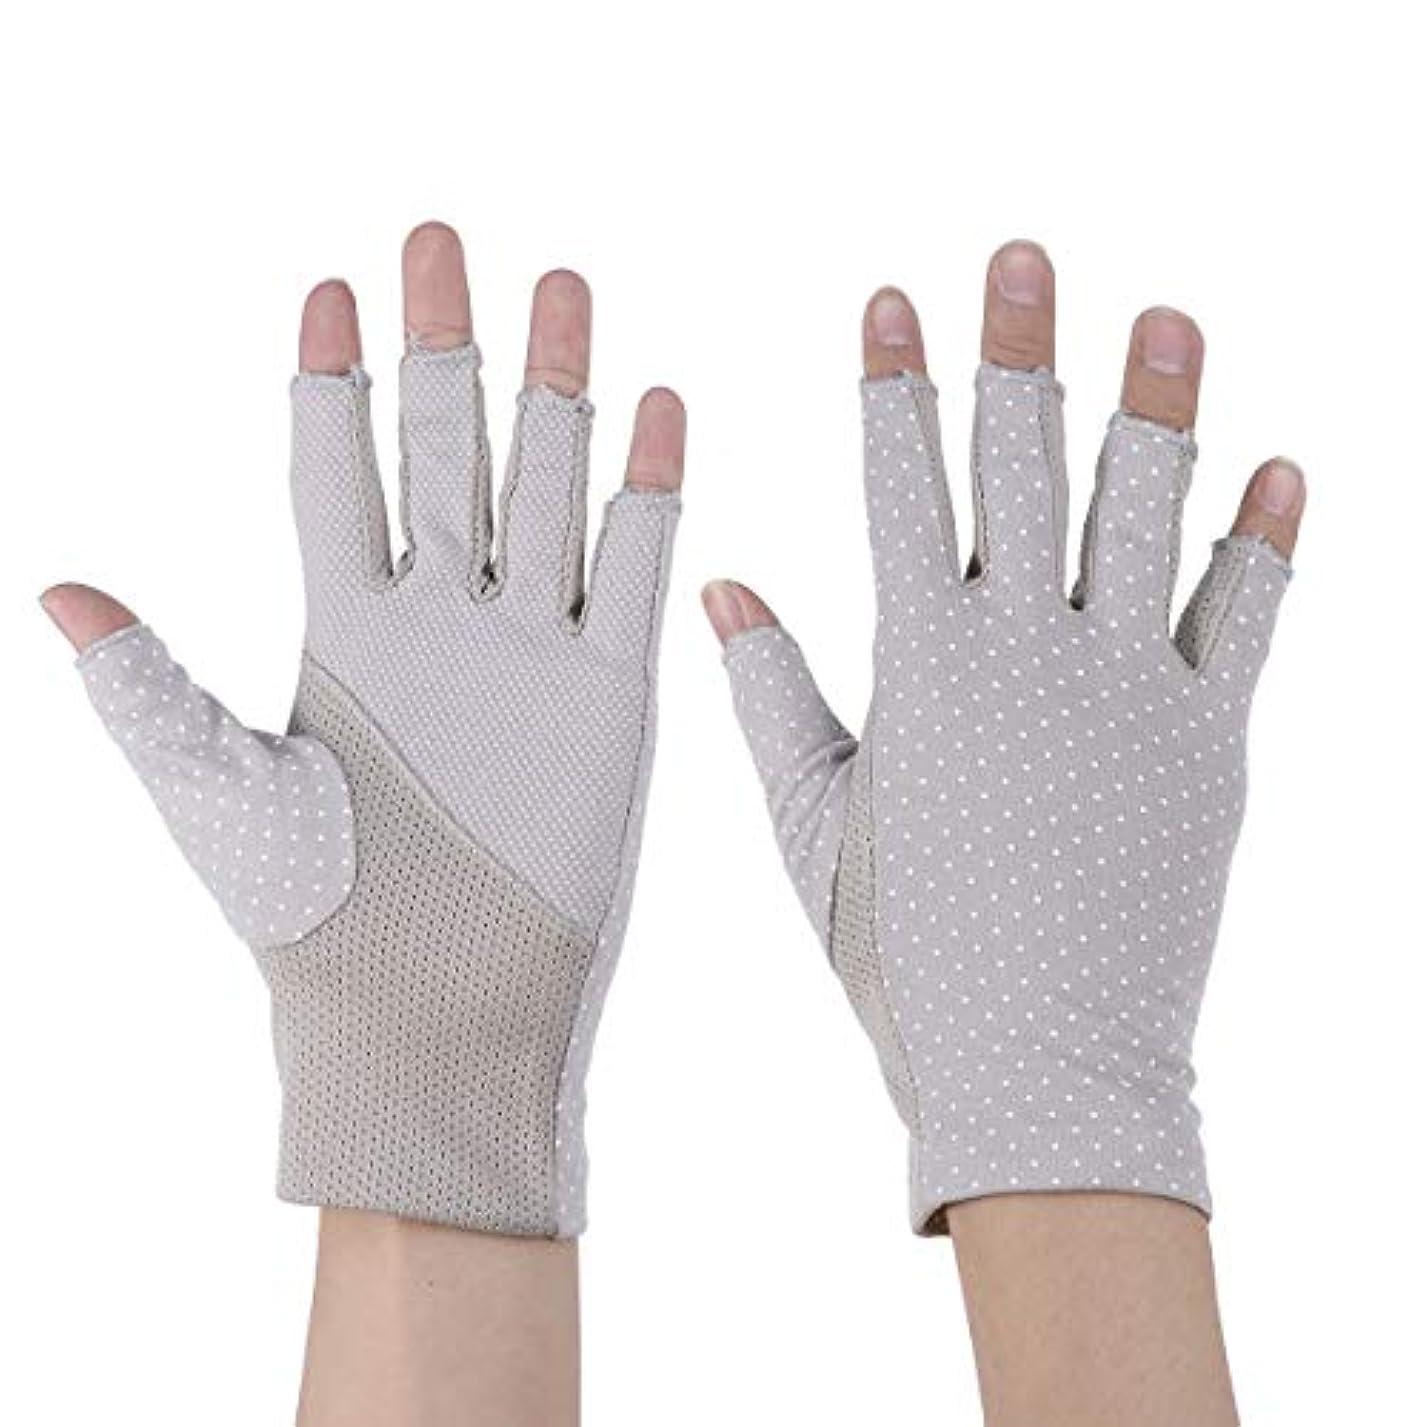 ライブまたねレンズHealifty 1ペア日焼け止め手袋ワークアウトミトンハーフフィンガー紫外線保護手袋用サイクリンググレー